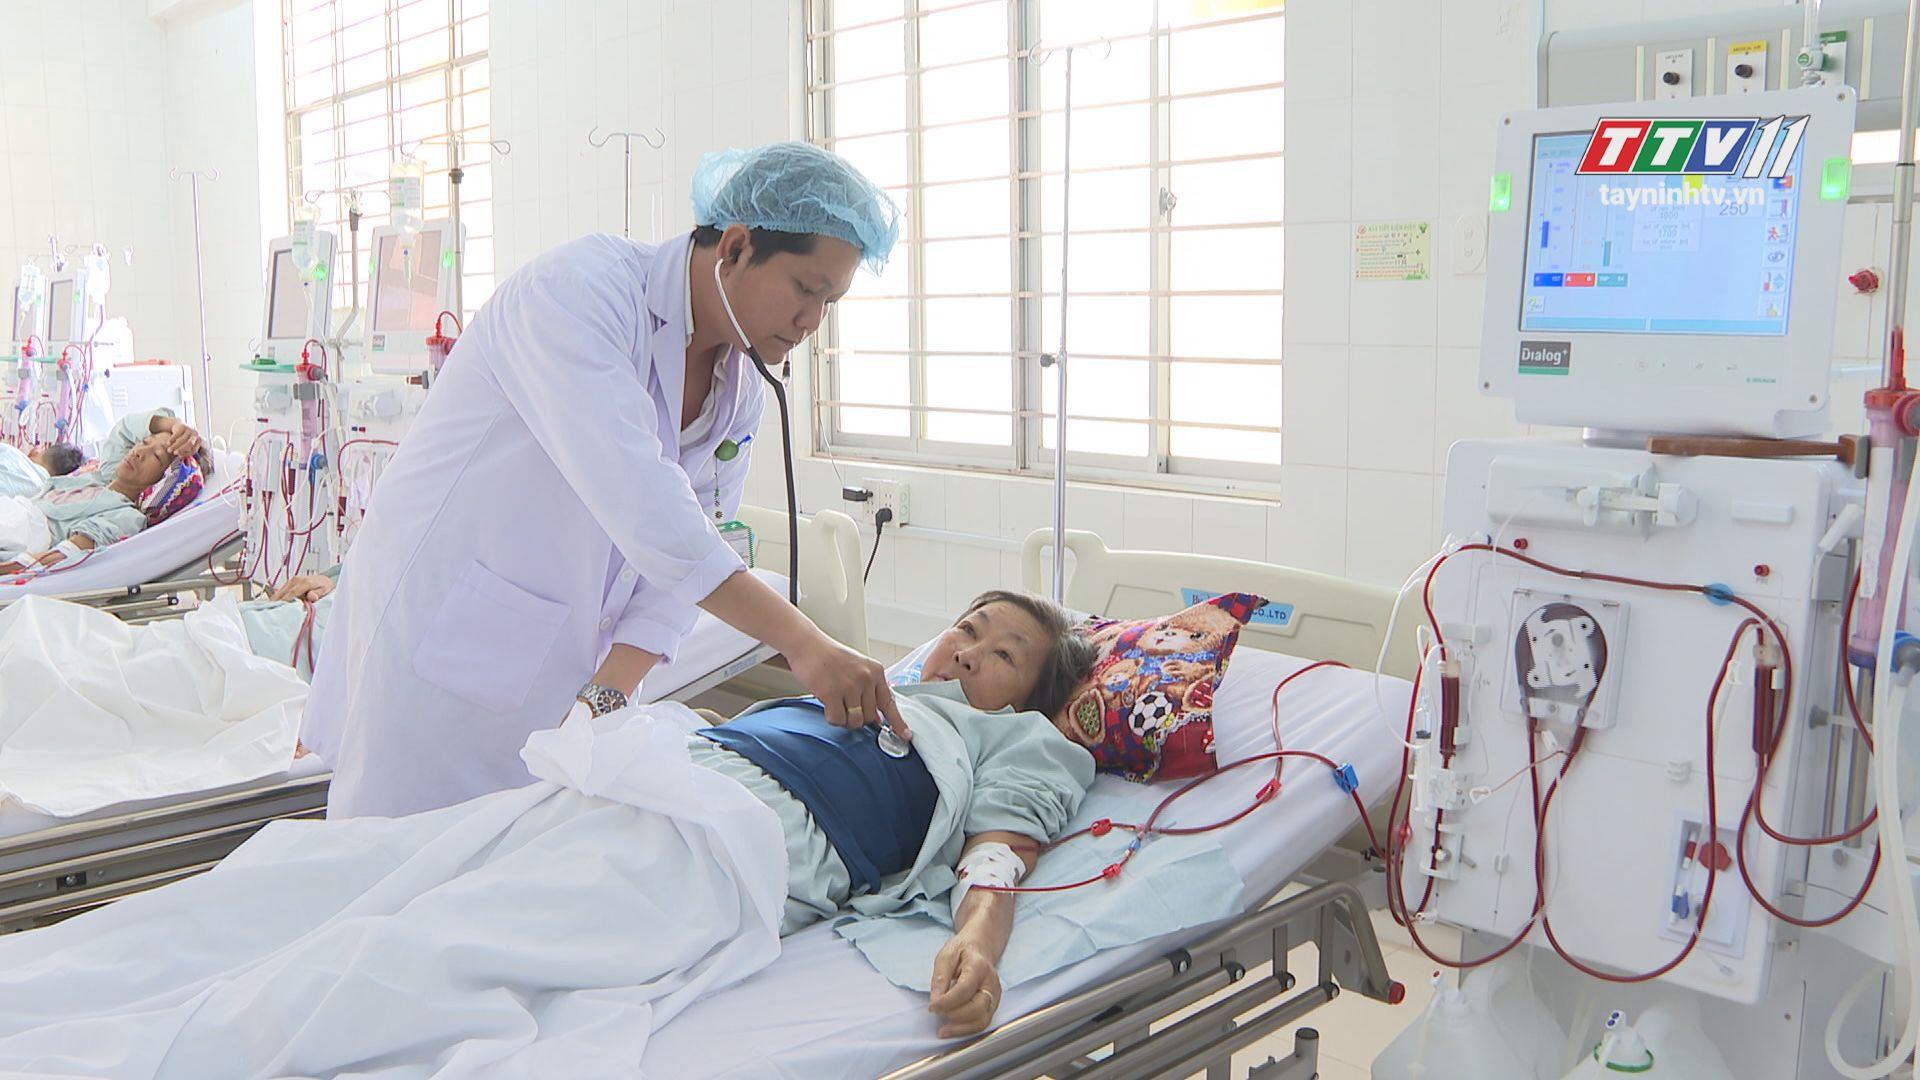 Ngành y tế tỉnh Tây Ninh năm 2019 - Nhiều kết quả nổi bật | SỨC KHỎE CHO MỌI NGƯỜI | TayNinhTV